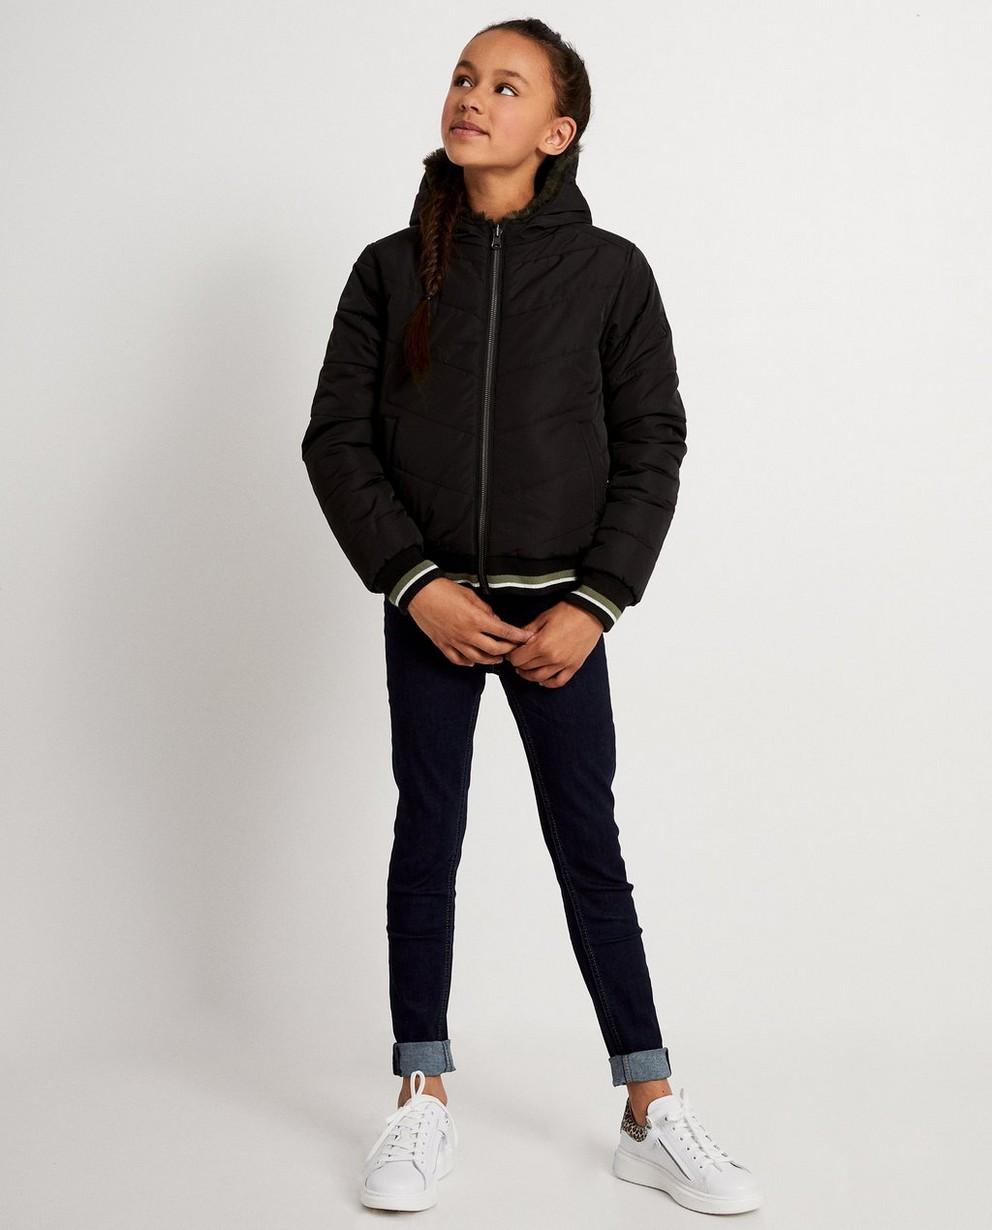 Kakigroene - zwarte omkeerbare jas - faux fur - JBC